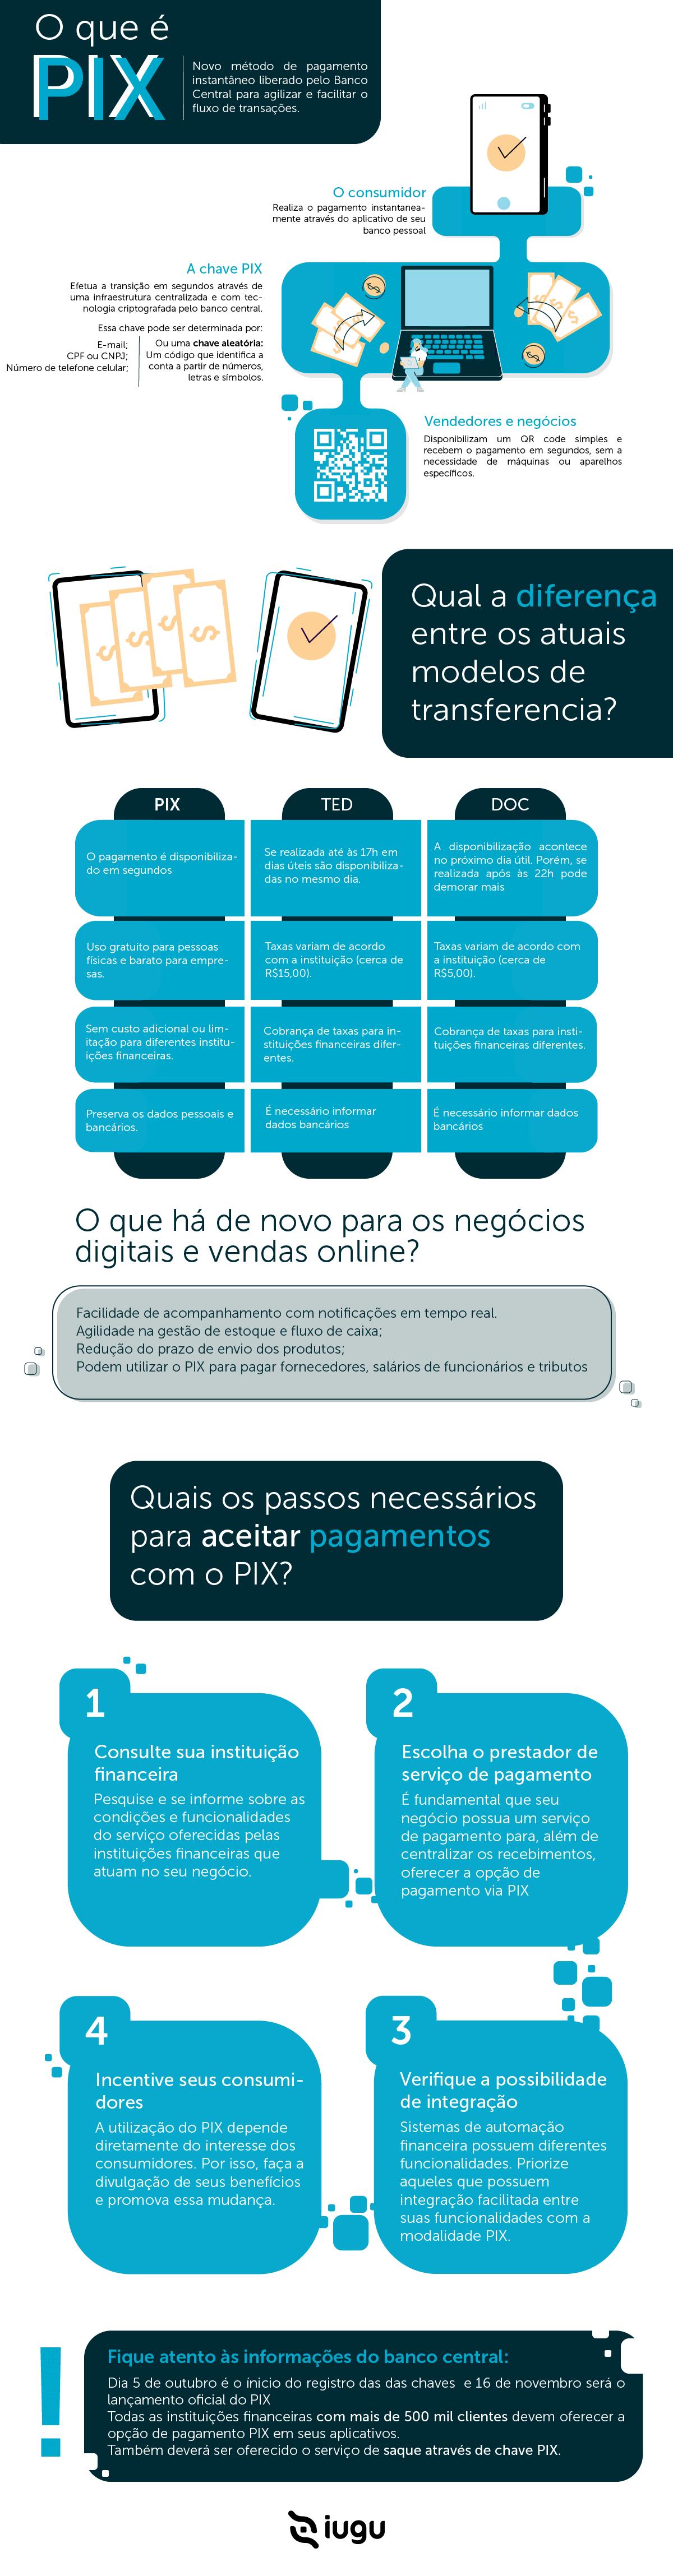 infográfico completo para entender o funcionamento via pix